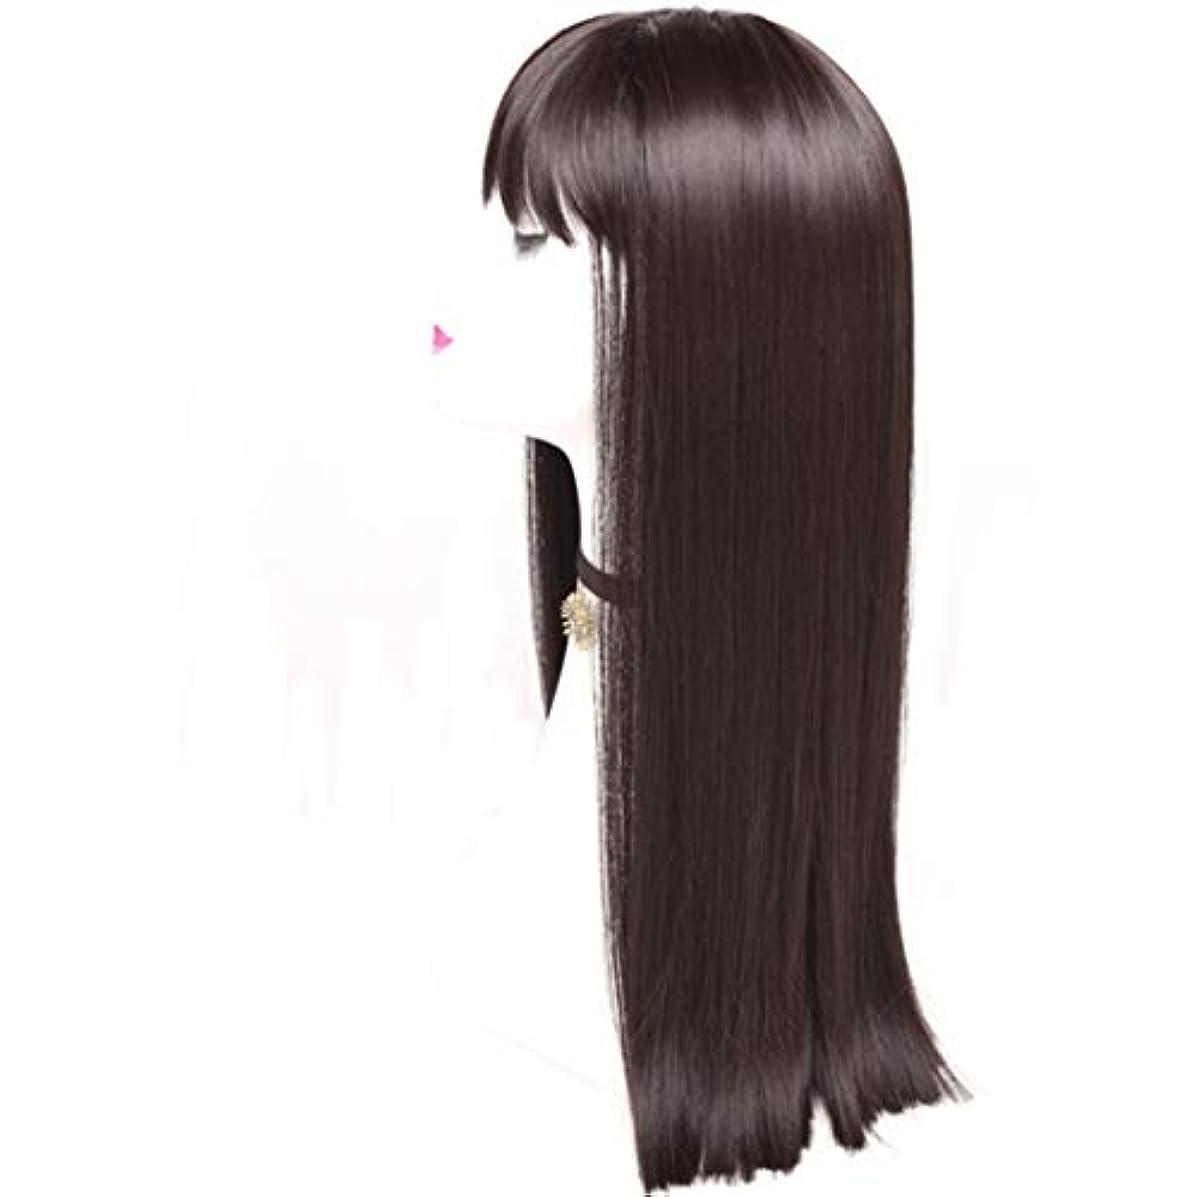 災害神秘的なはしごSummerys レディースかつら魅力的な合成かつらで長いストレートの髪をかつら